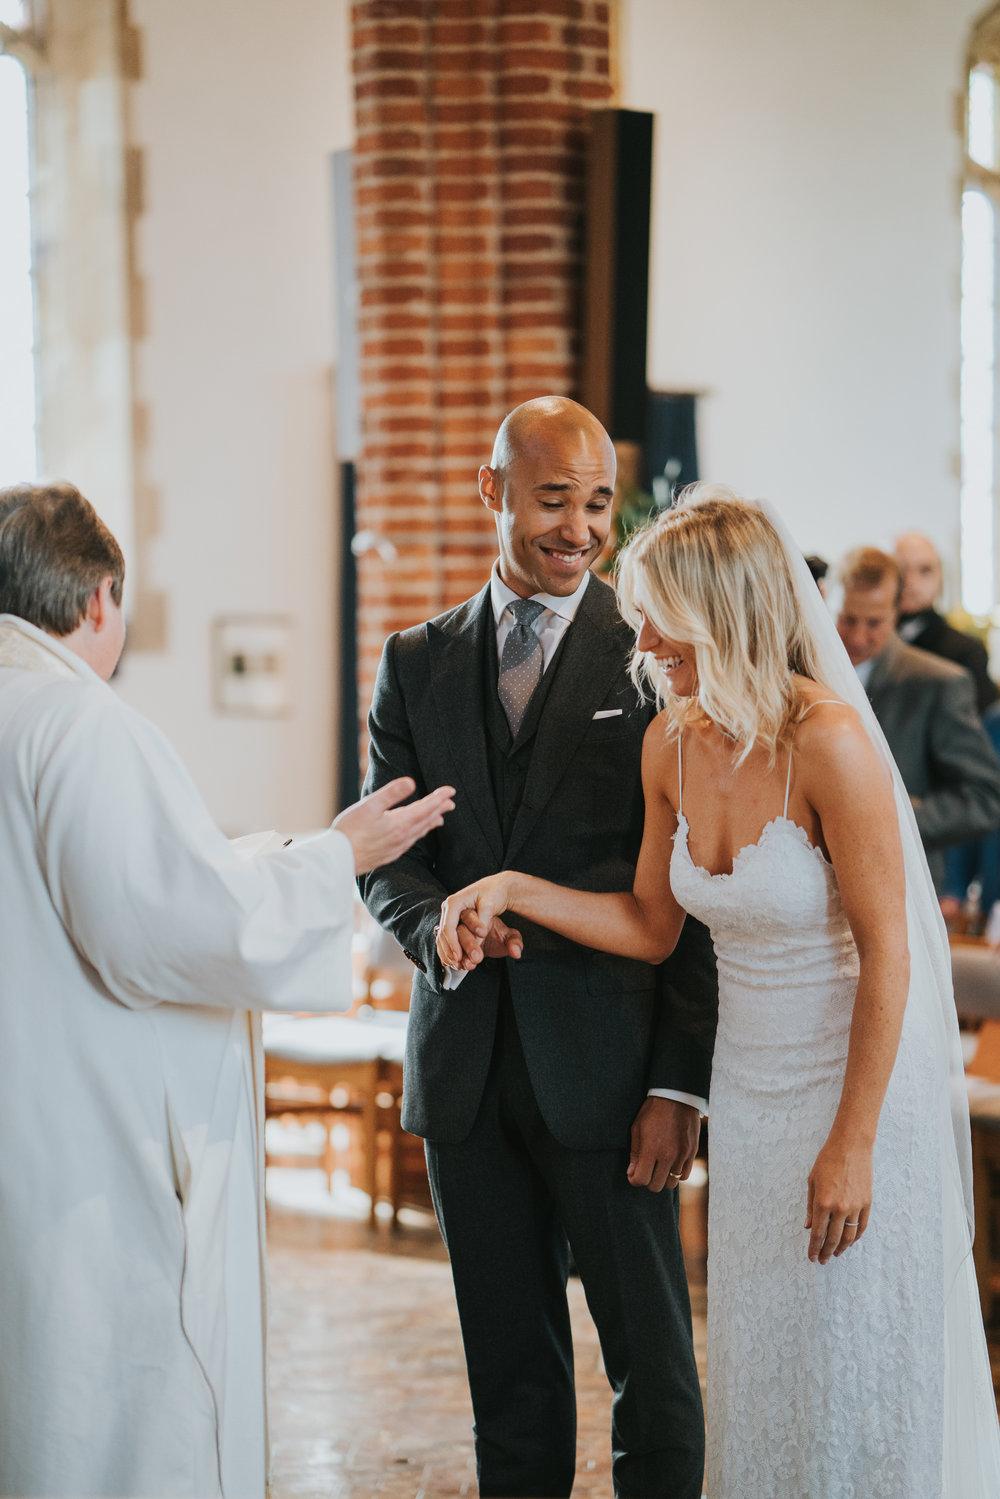 intimate-english-church-wedding-sarah-alex-colchester-essex-grace-elizabeth-colchester-essex-alternative-wedding-lifestyle-photographer-essex-suffolk-norfolk-devon (52 of 92).jpg